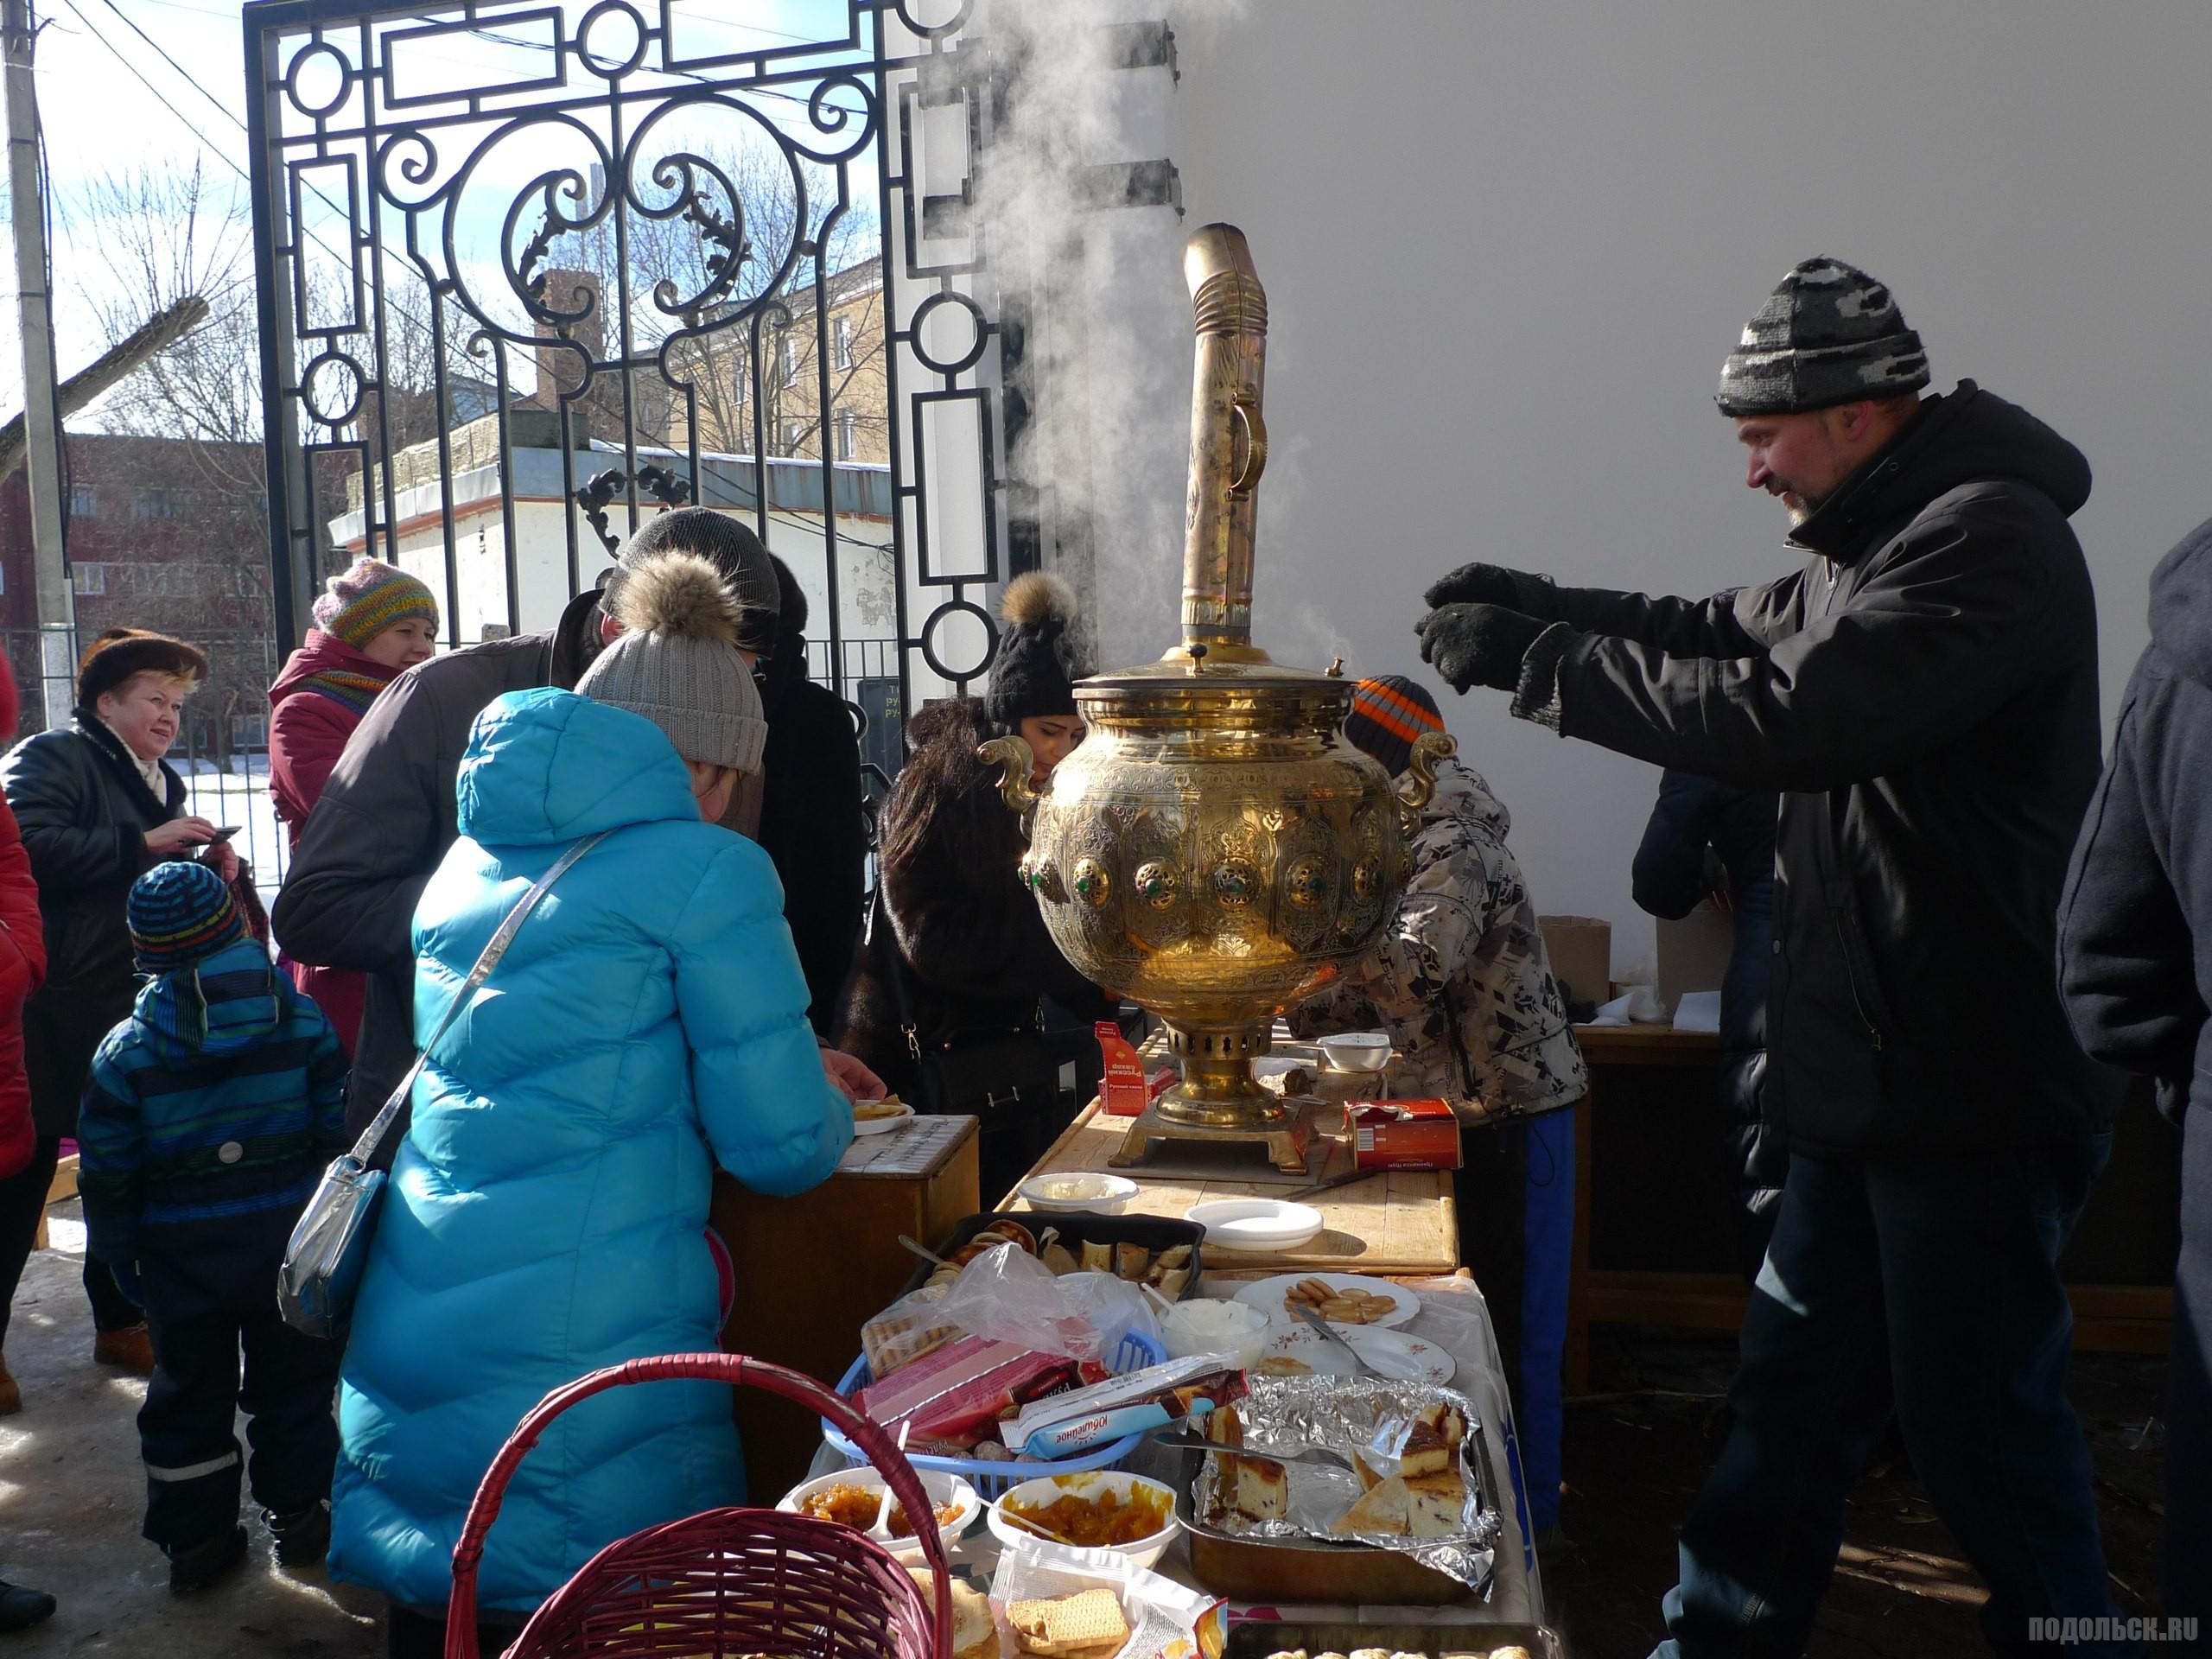 Храм воскресения Христова угощает чаем и блинами.  Масленица в парке Талалихина 26 февраля